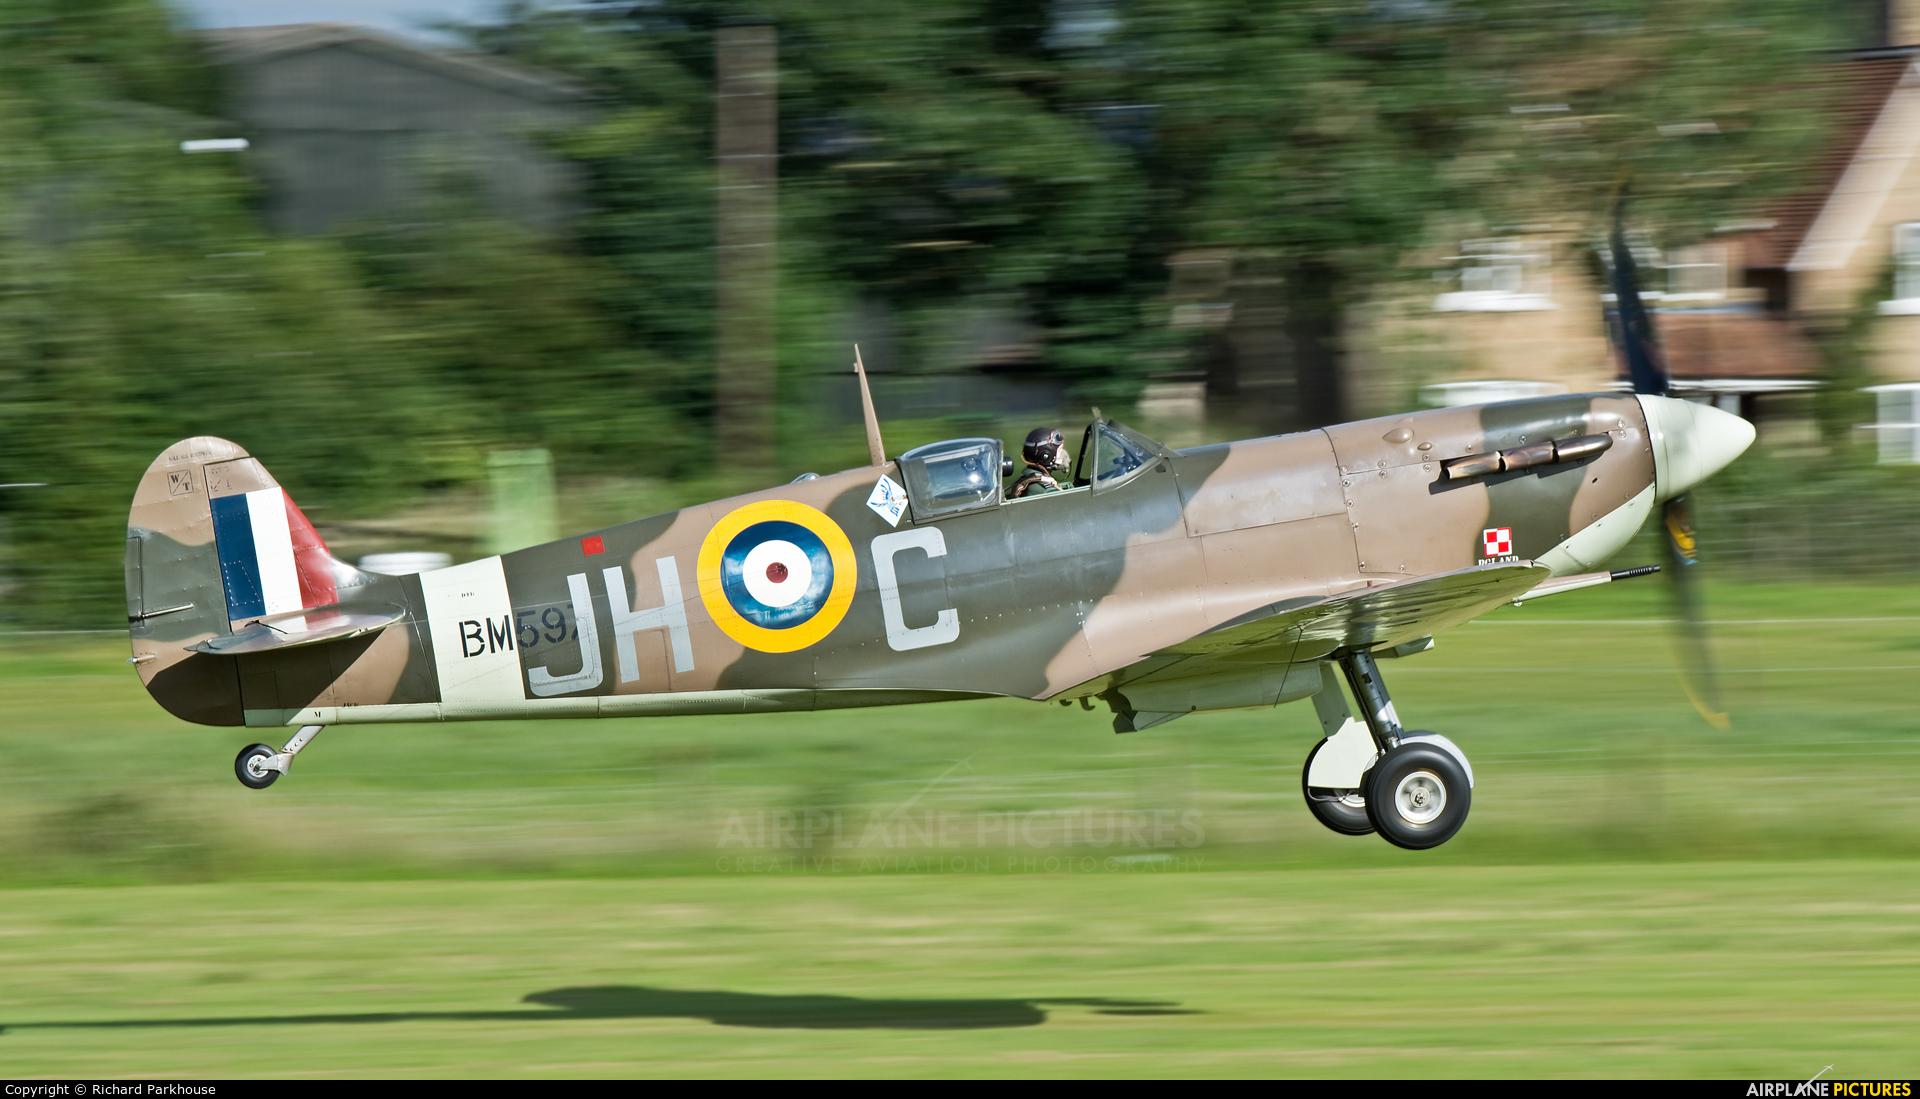 Historic Aircraft Collection G-MKVB aircraft at Old Warden